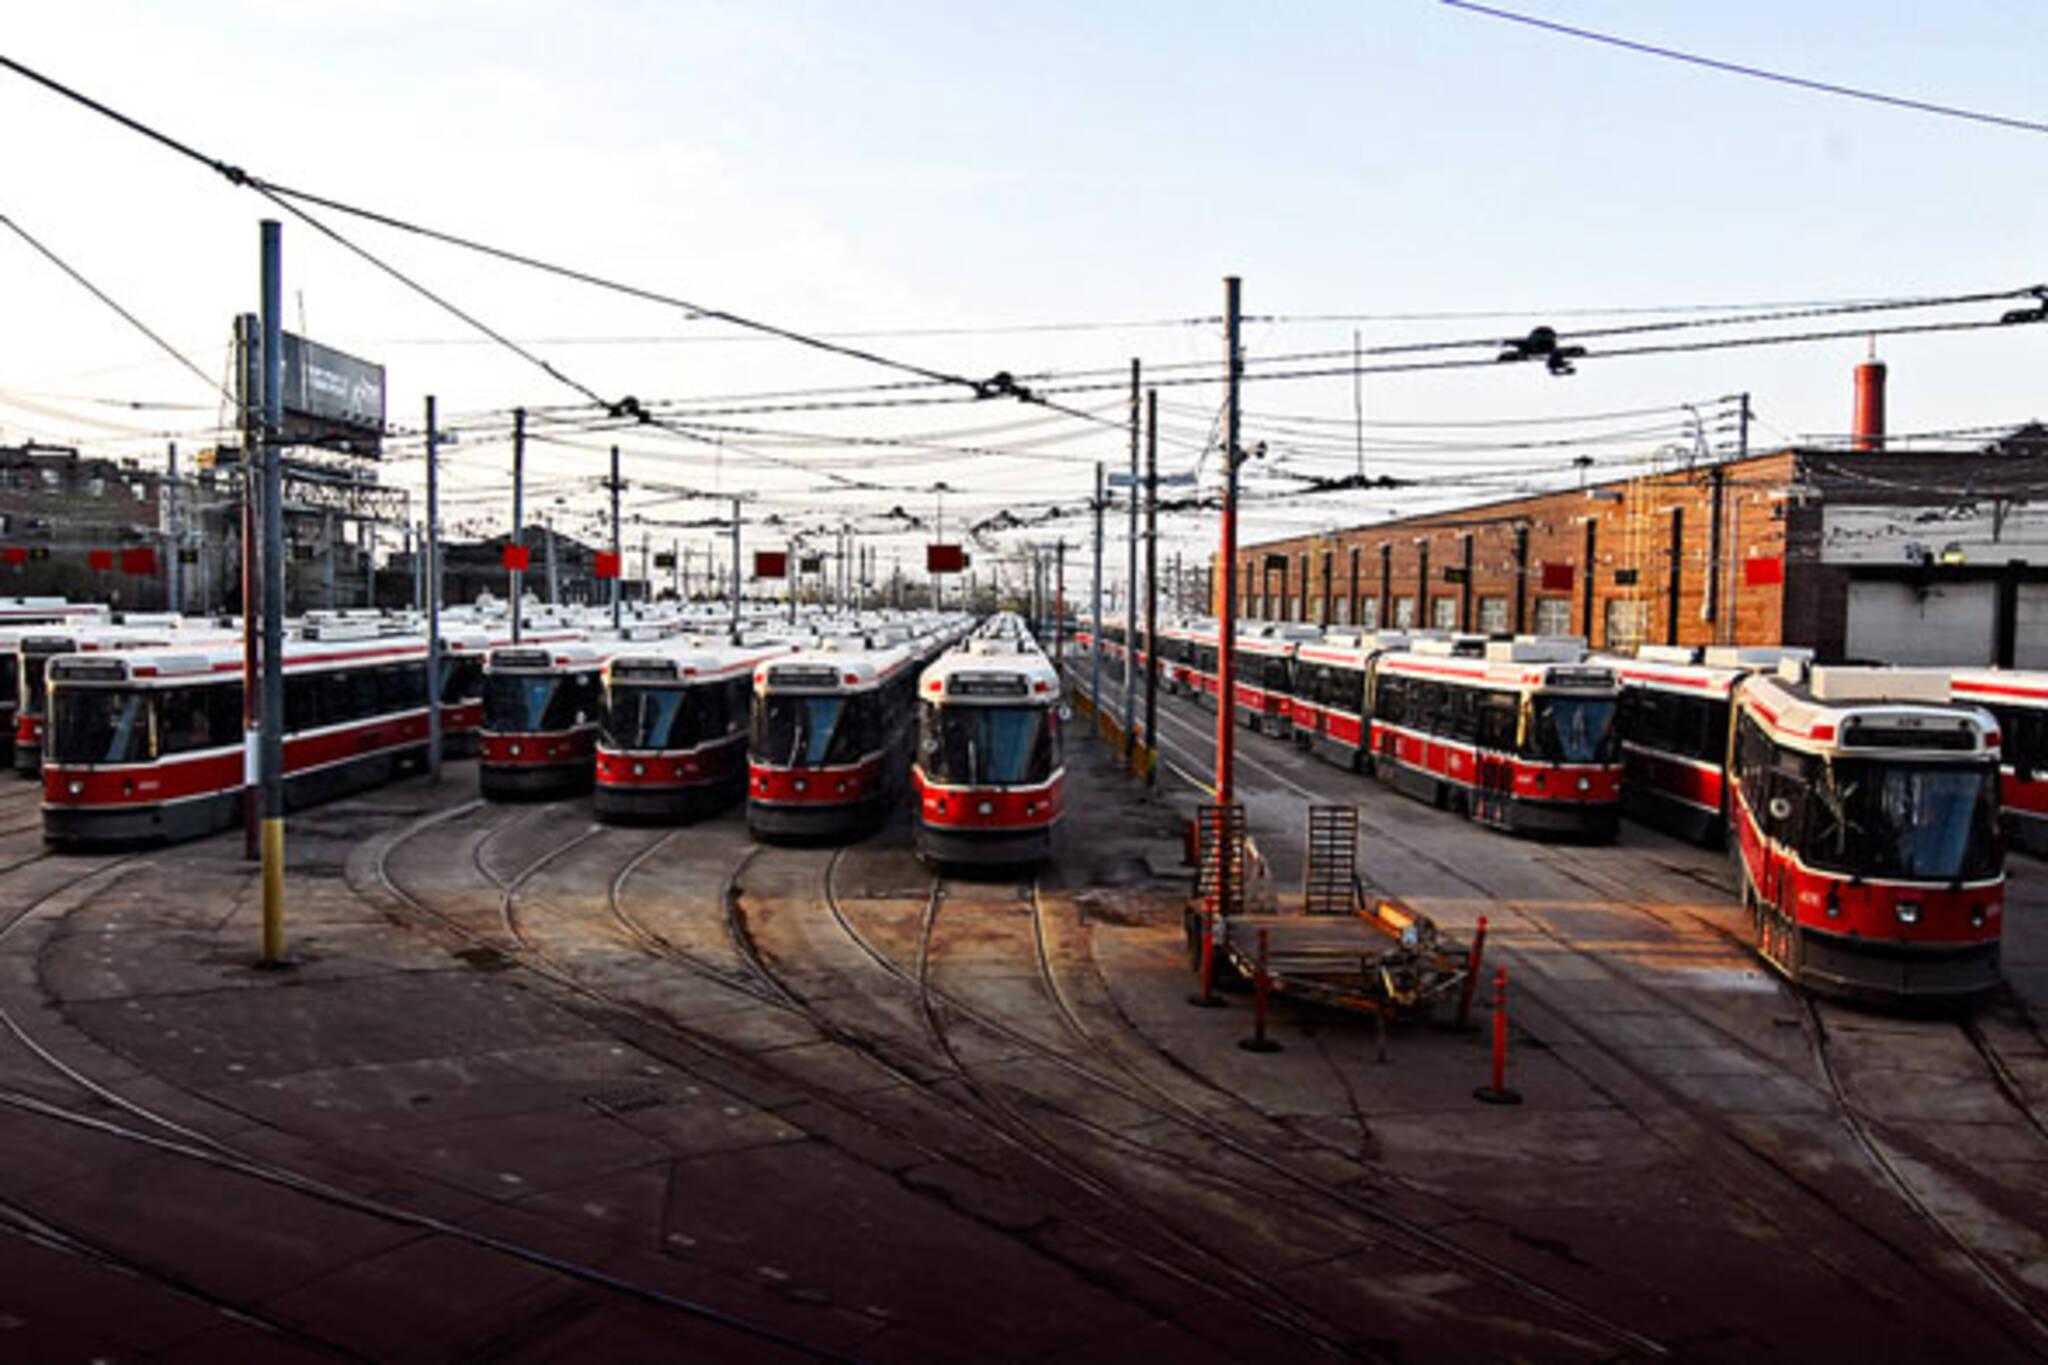 ttc streetcars sit still